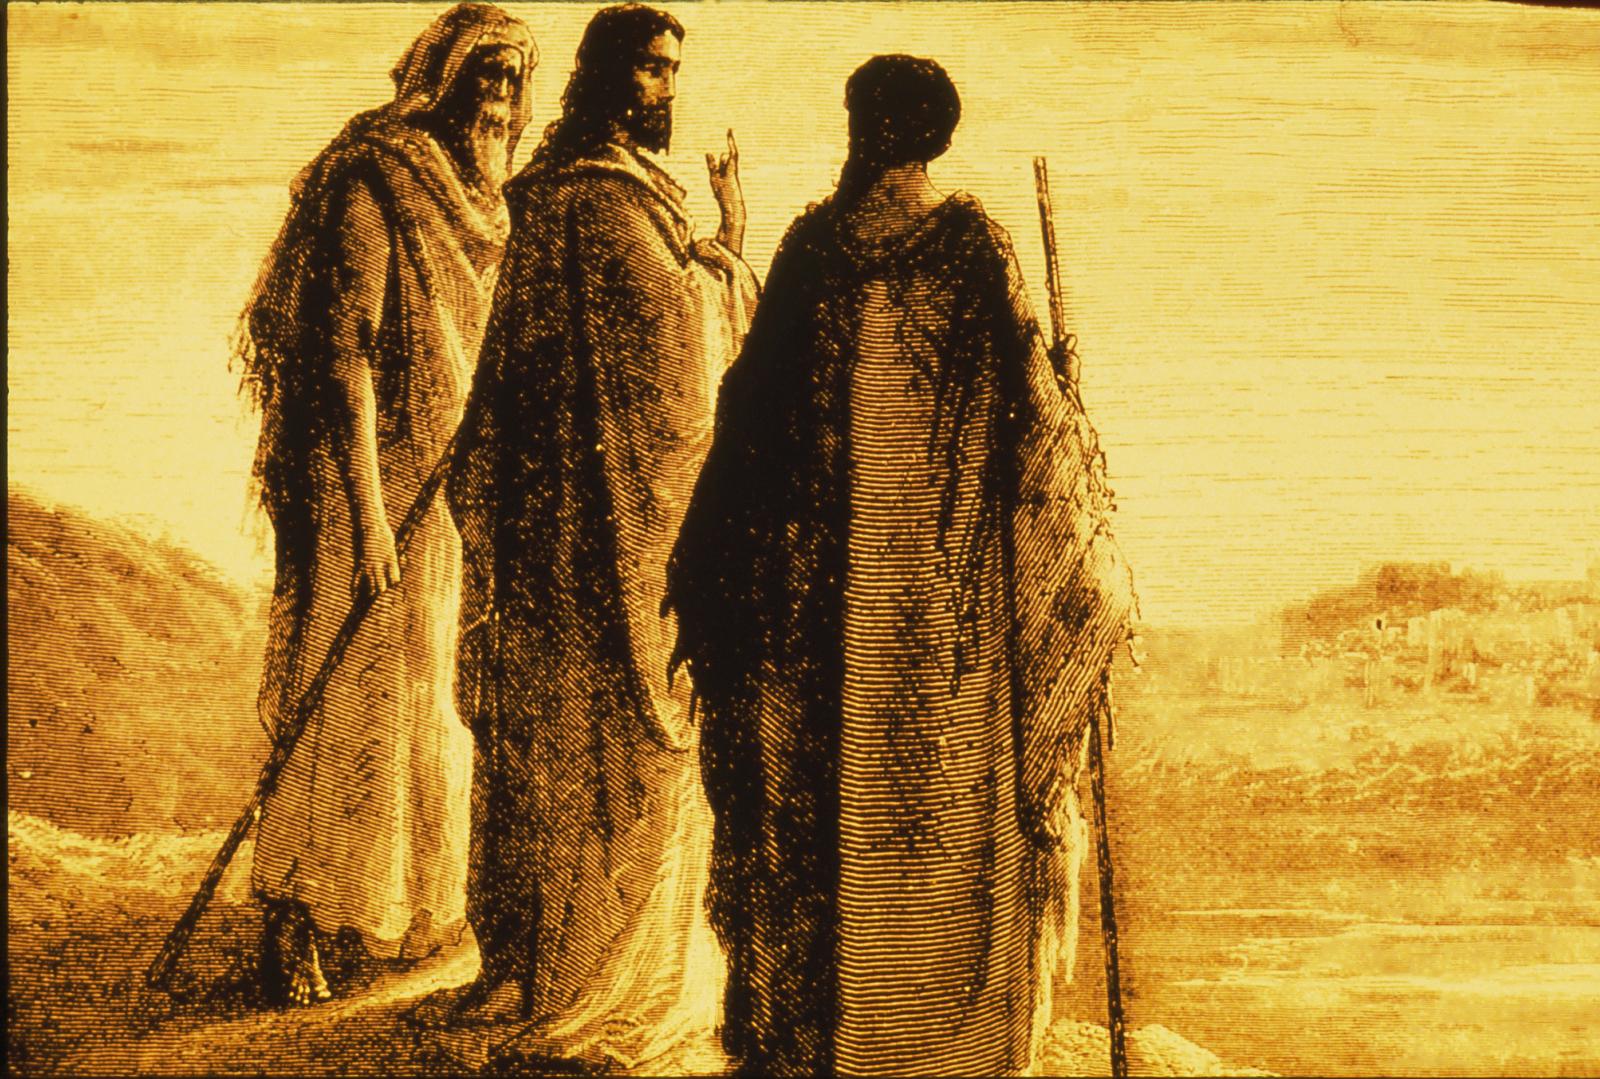 Les disciples avaient le cœur tout brûlant quand Jésus leur ouvrait l'esprit à l'intelligence des Écritures.